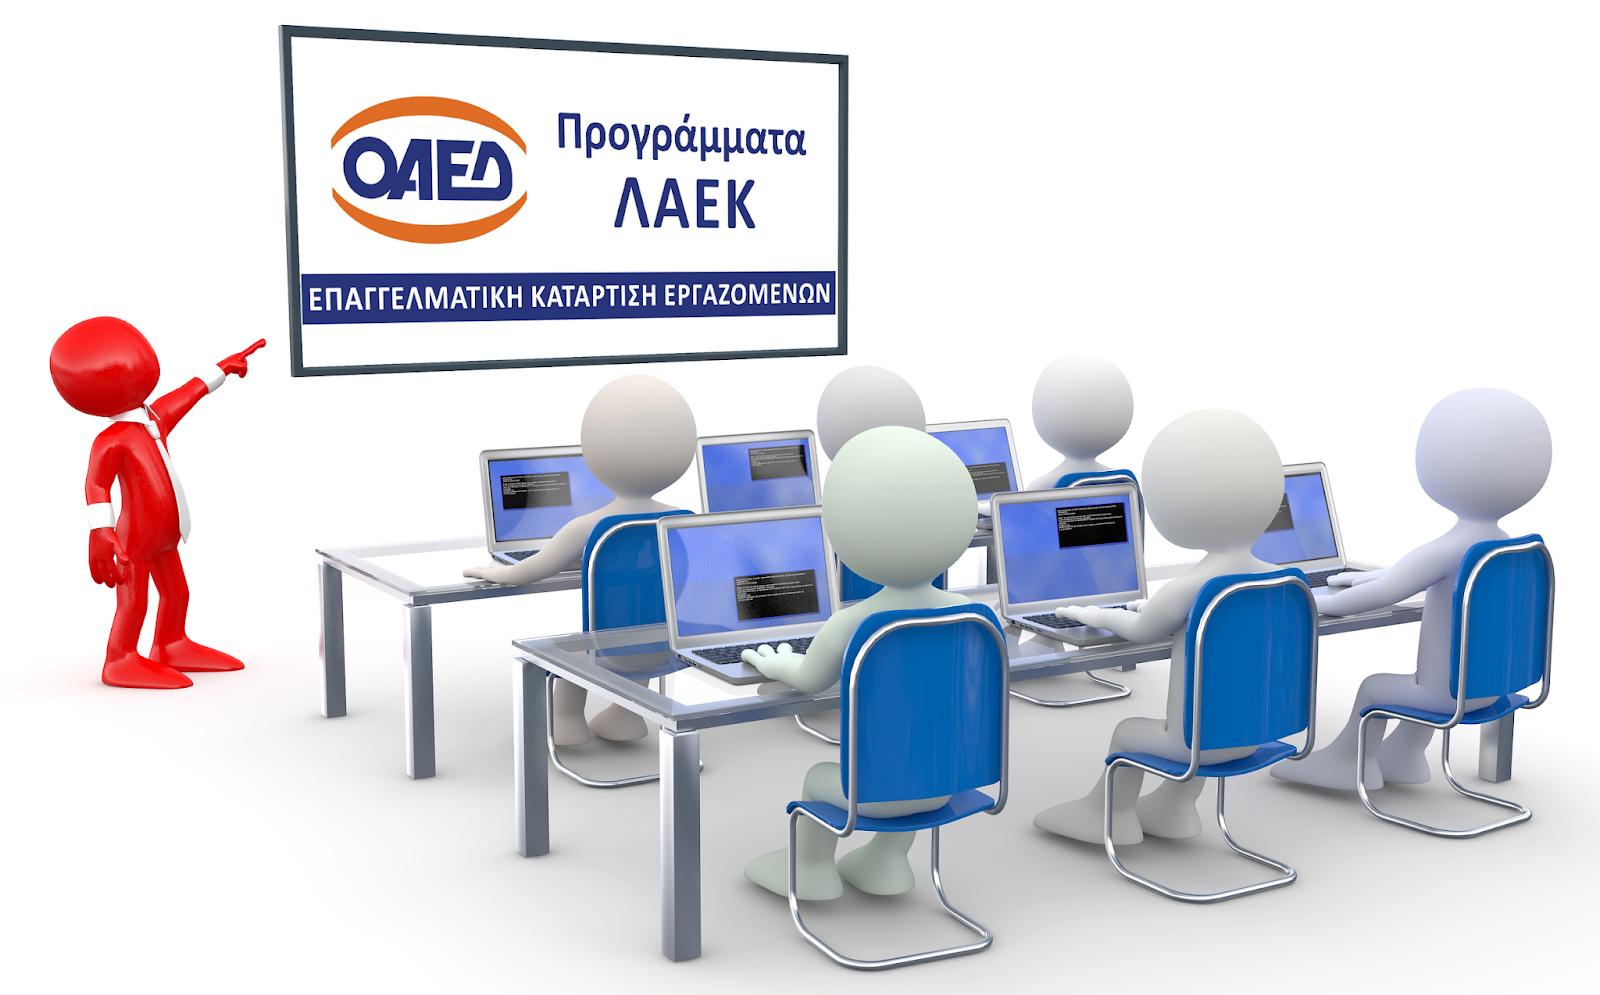 Σύλλογος Επαγγελματιών Αρναίας θα υλοποιήσει προγράμματα επαγγελματικής κατάρτισης ΟΑΕΔ - ΛΑΕΚ 2019